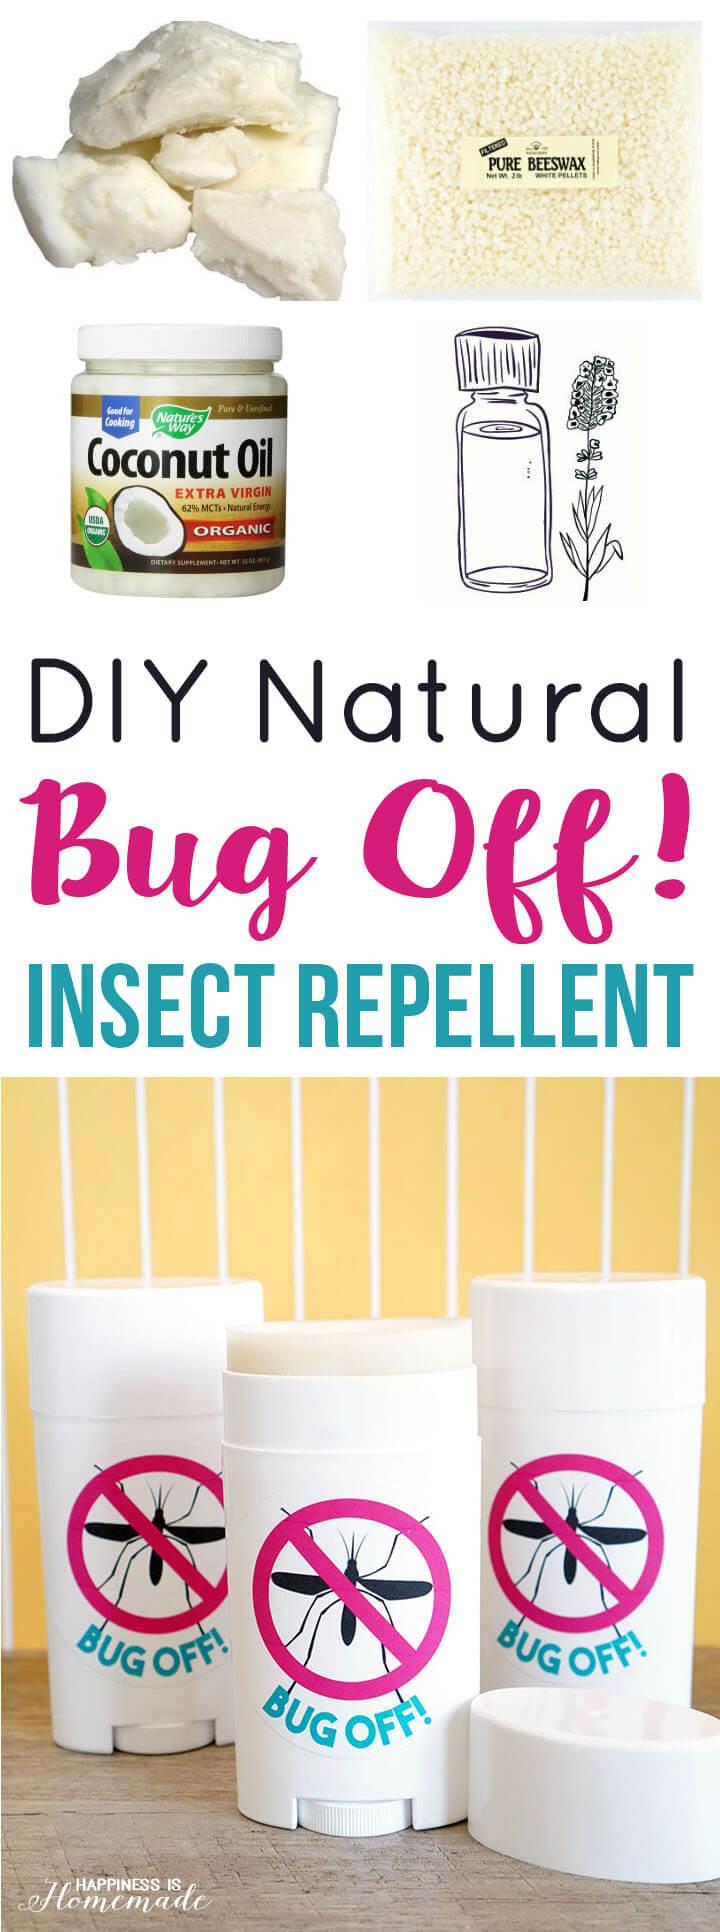 oregano as mosquito repellent pdf